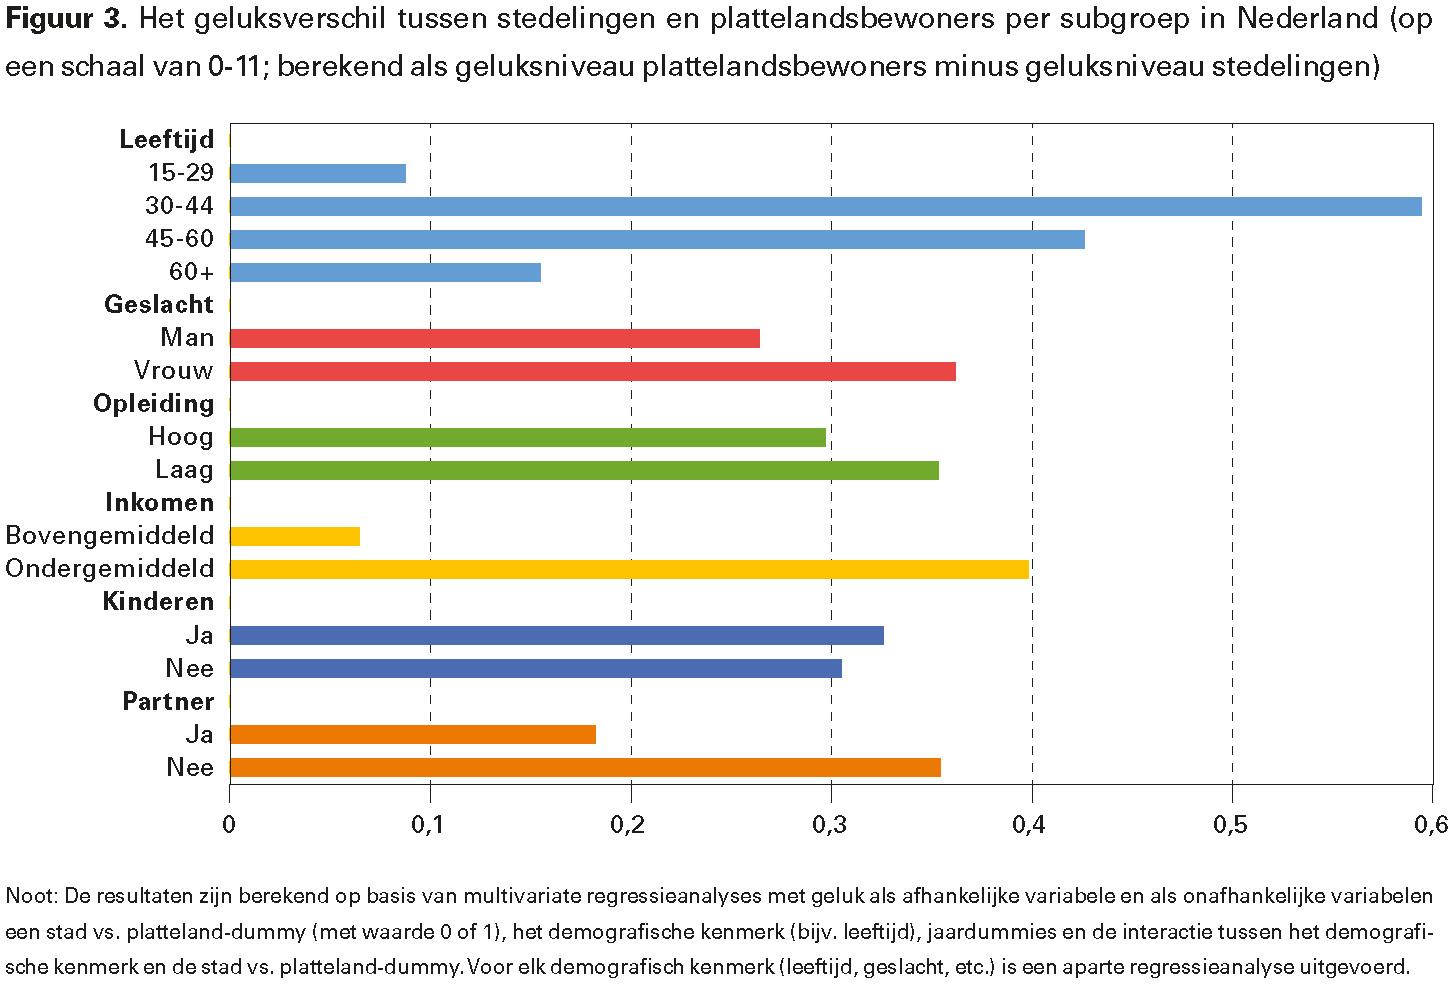 Figuur 3. Het geluksverschil tussen stedelingen en plattelandsbewoners per subgroep in Nederland (op een schaal van 0-11; berekend als geluksniveau plattelandsbewoners minus geluksniveau stedelingen)